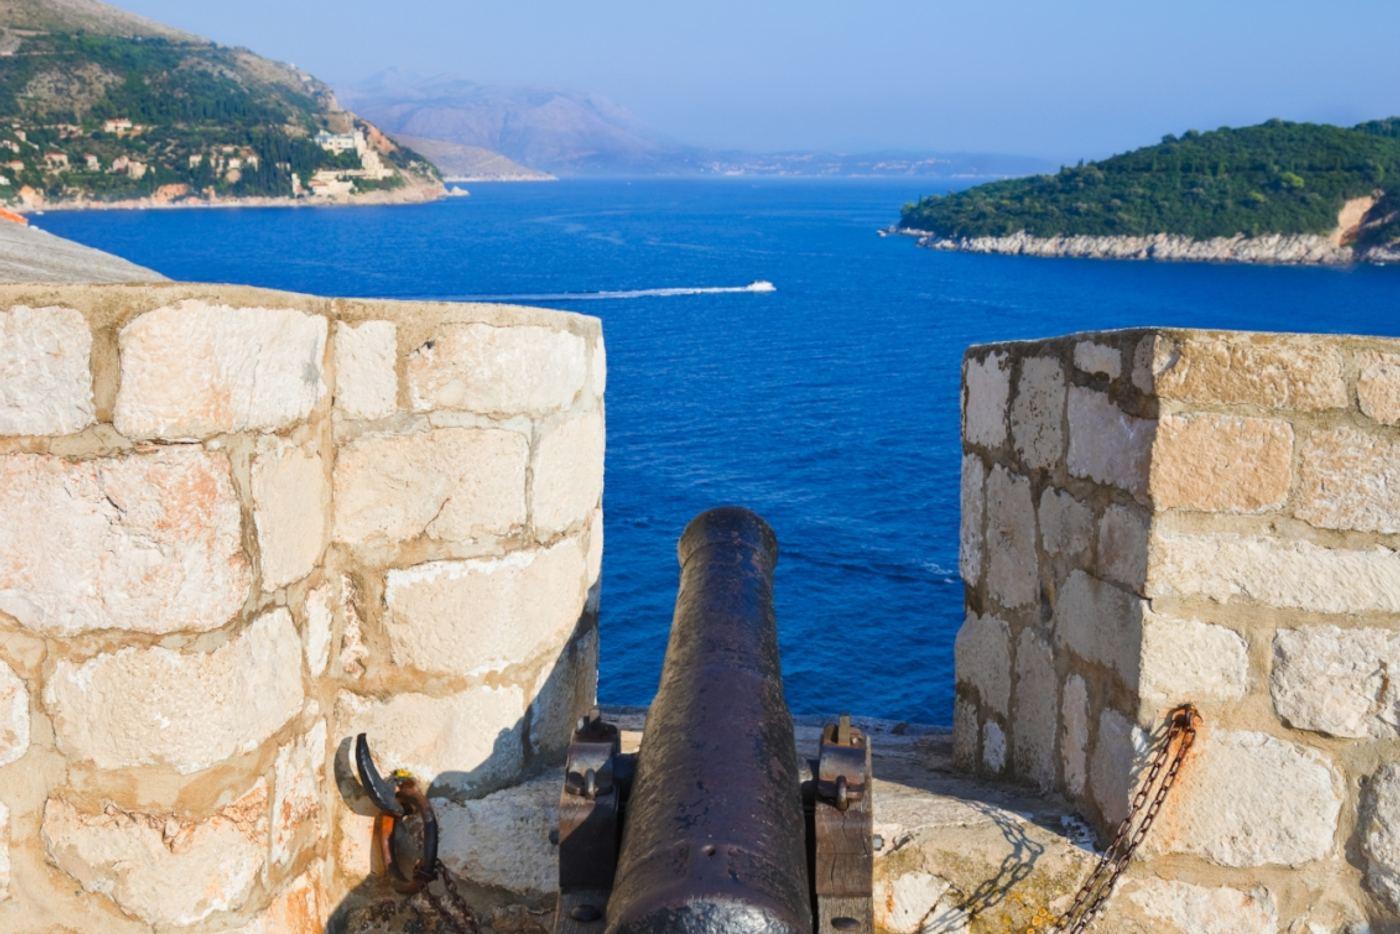 Photo Tour of Mediterranean 26